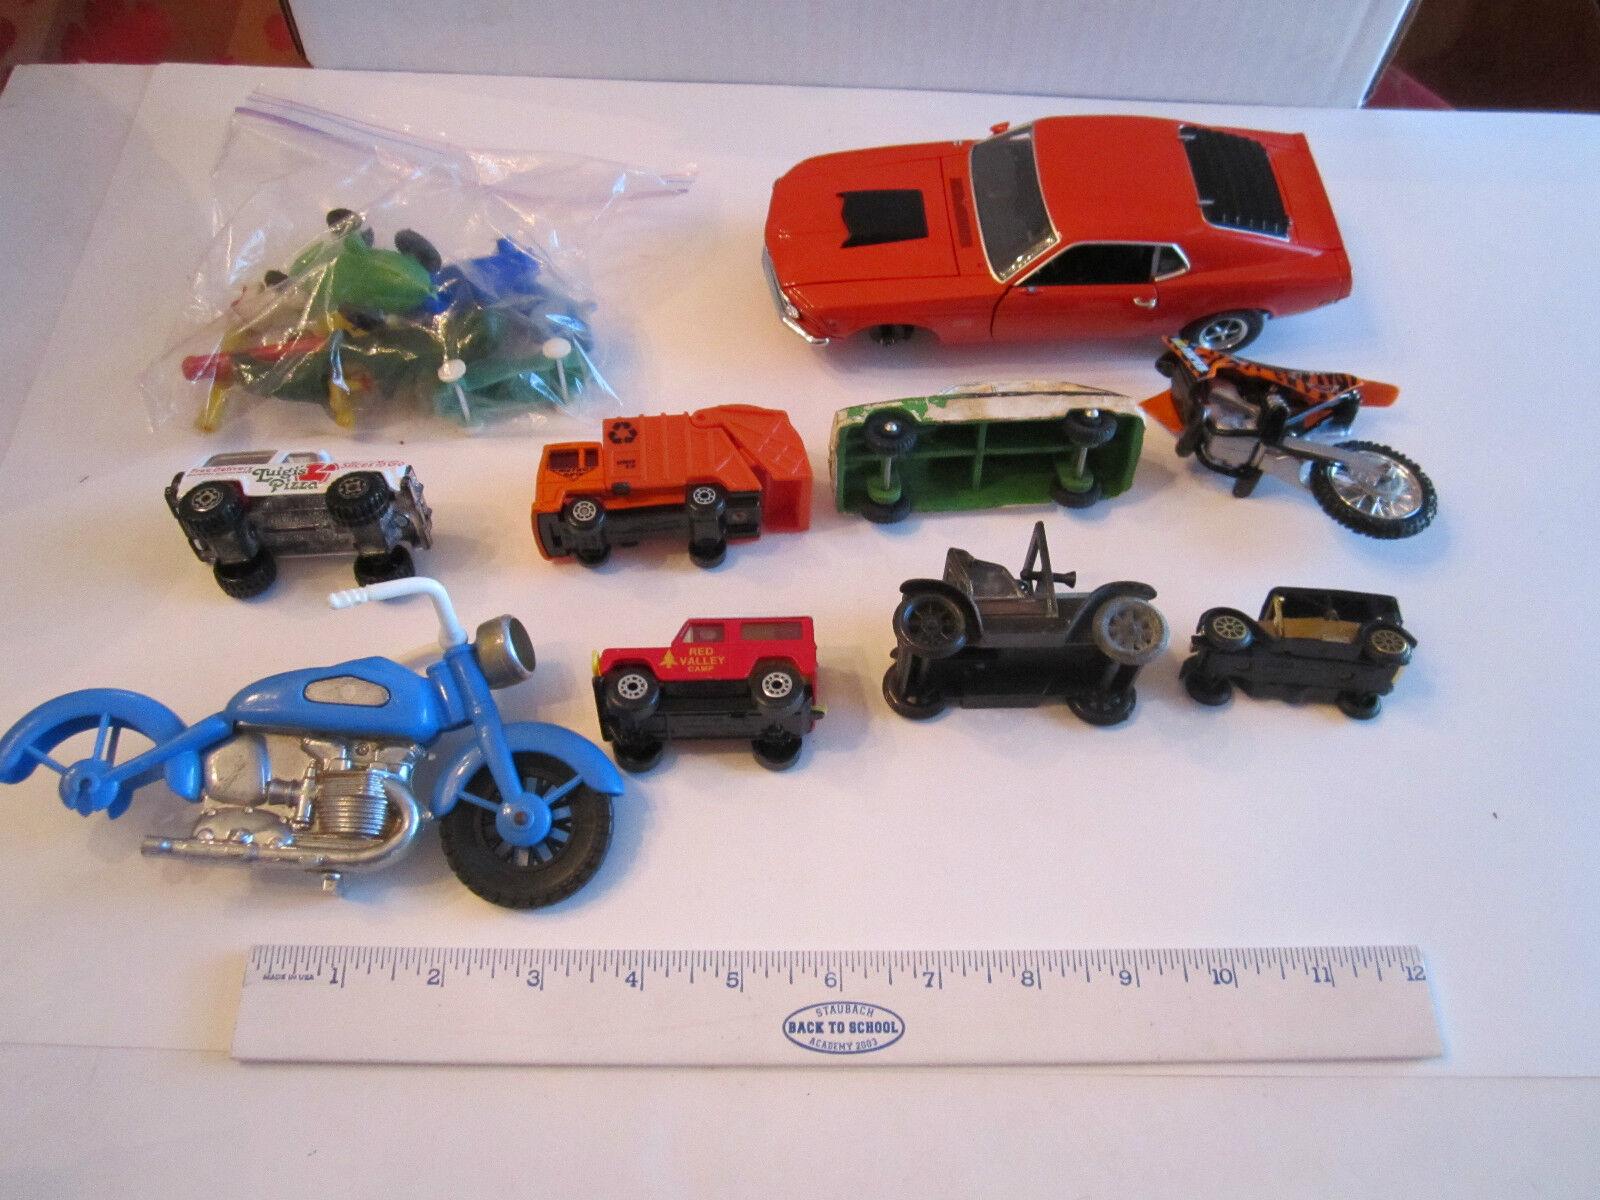 Colección de VTG. Diecast Cars-Metal Y Plástico-unsearched-Lote 1-Bañera Rrr